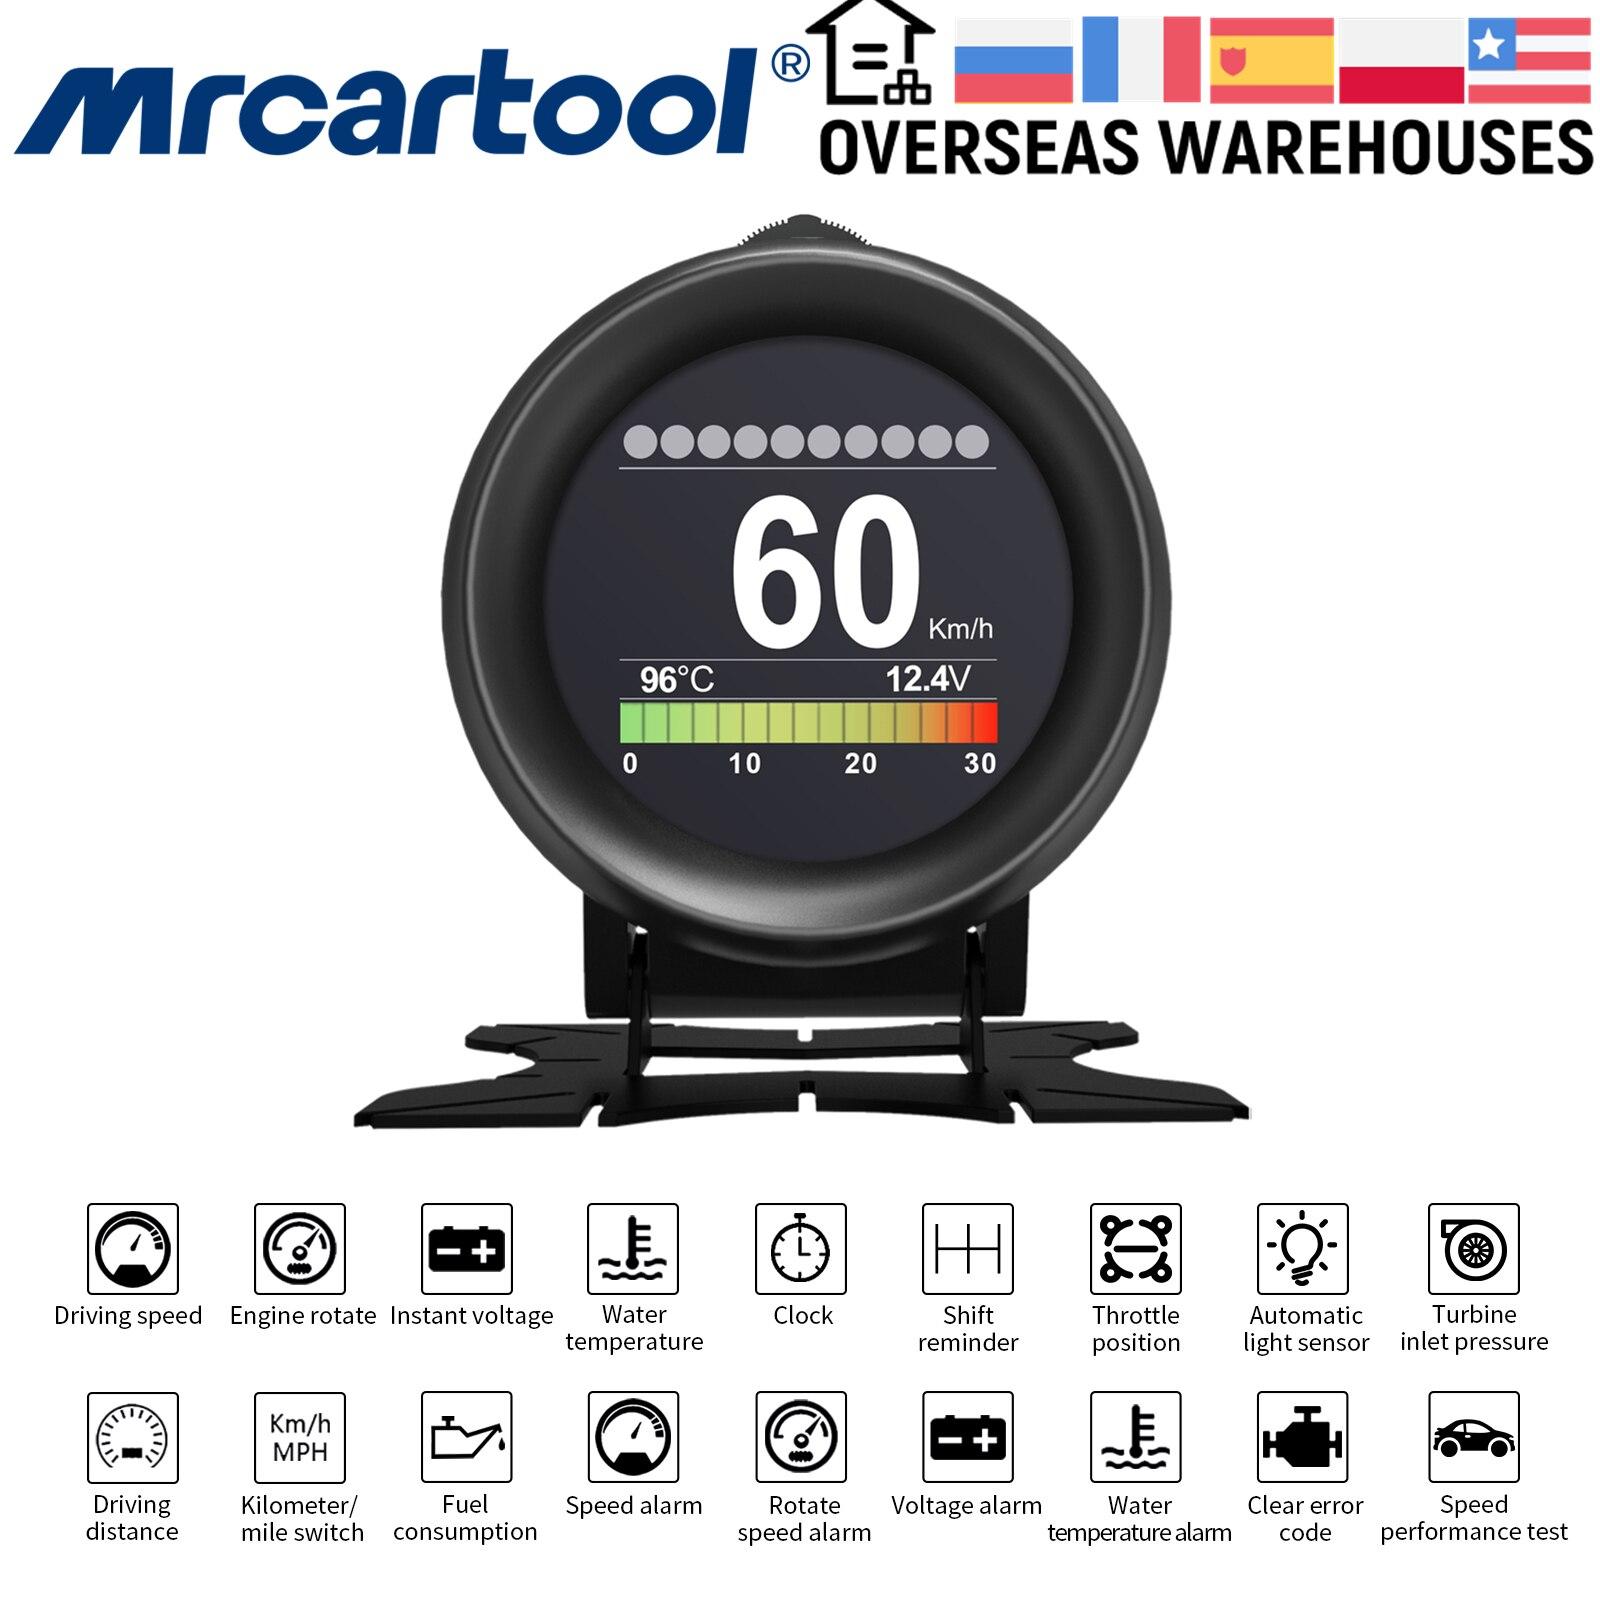 Автомобильный датчик давления MR CARTOOL M3 HUD, цифровой измеритель температуры, воды и масла, с сигнализацией